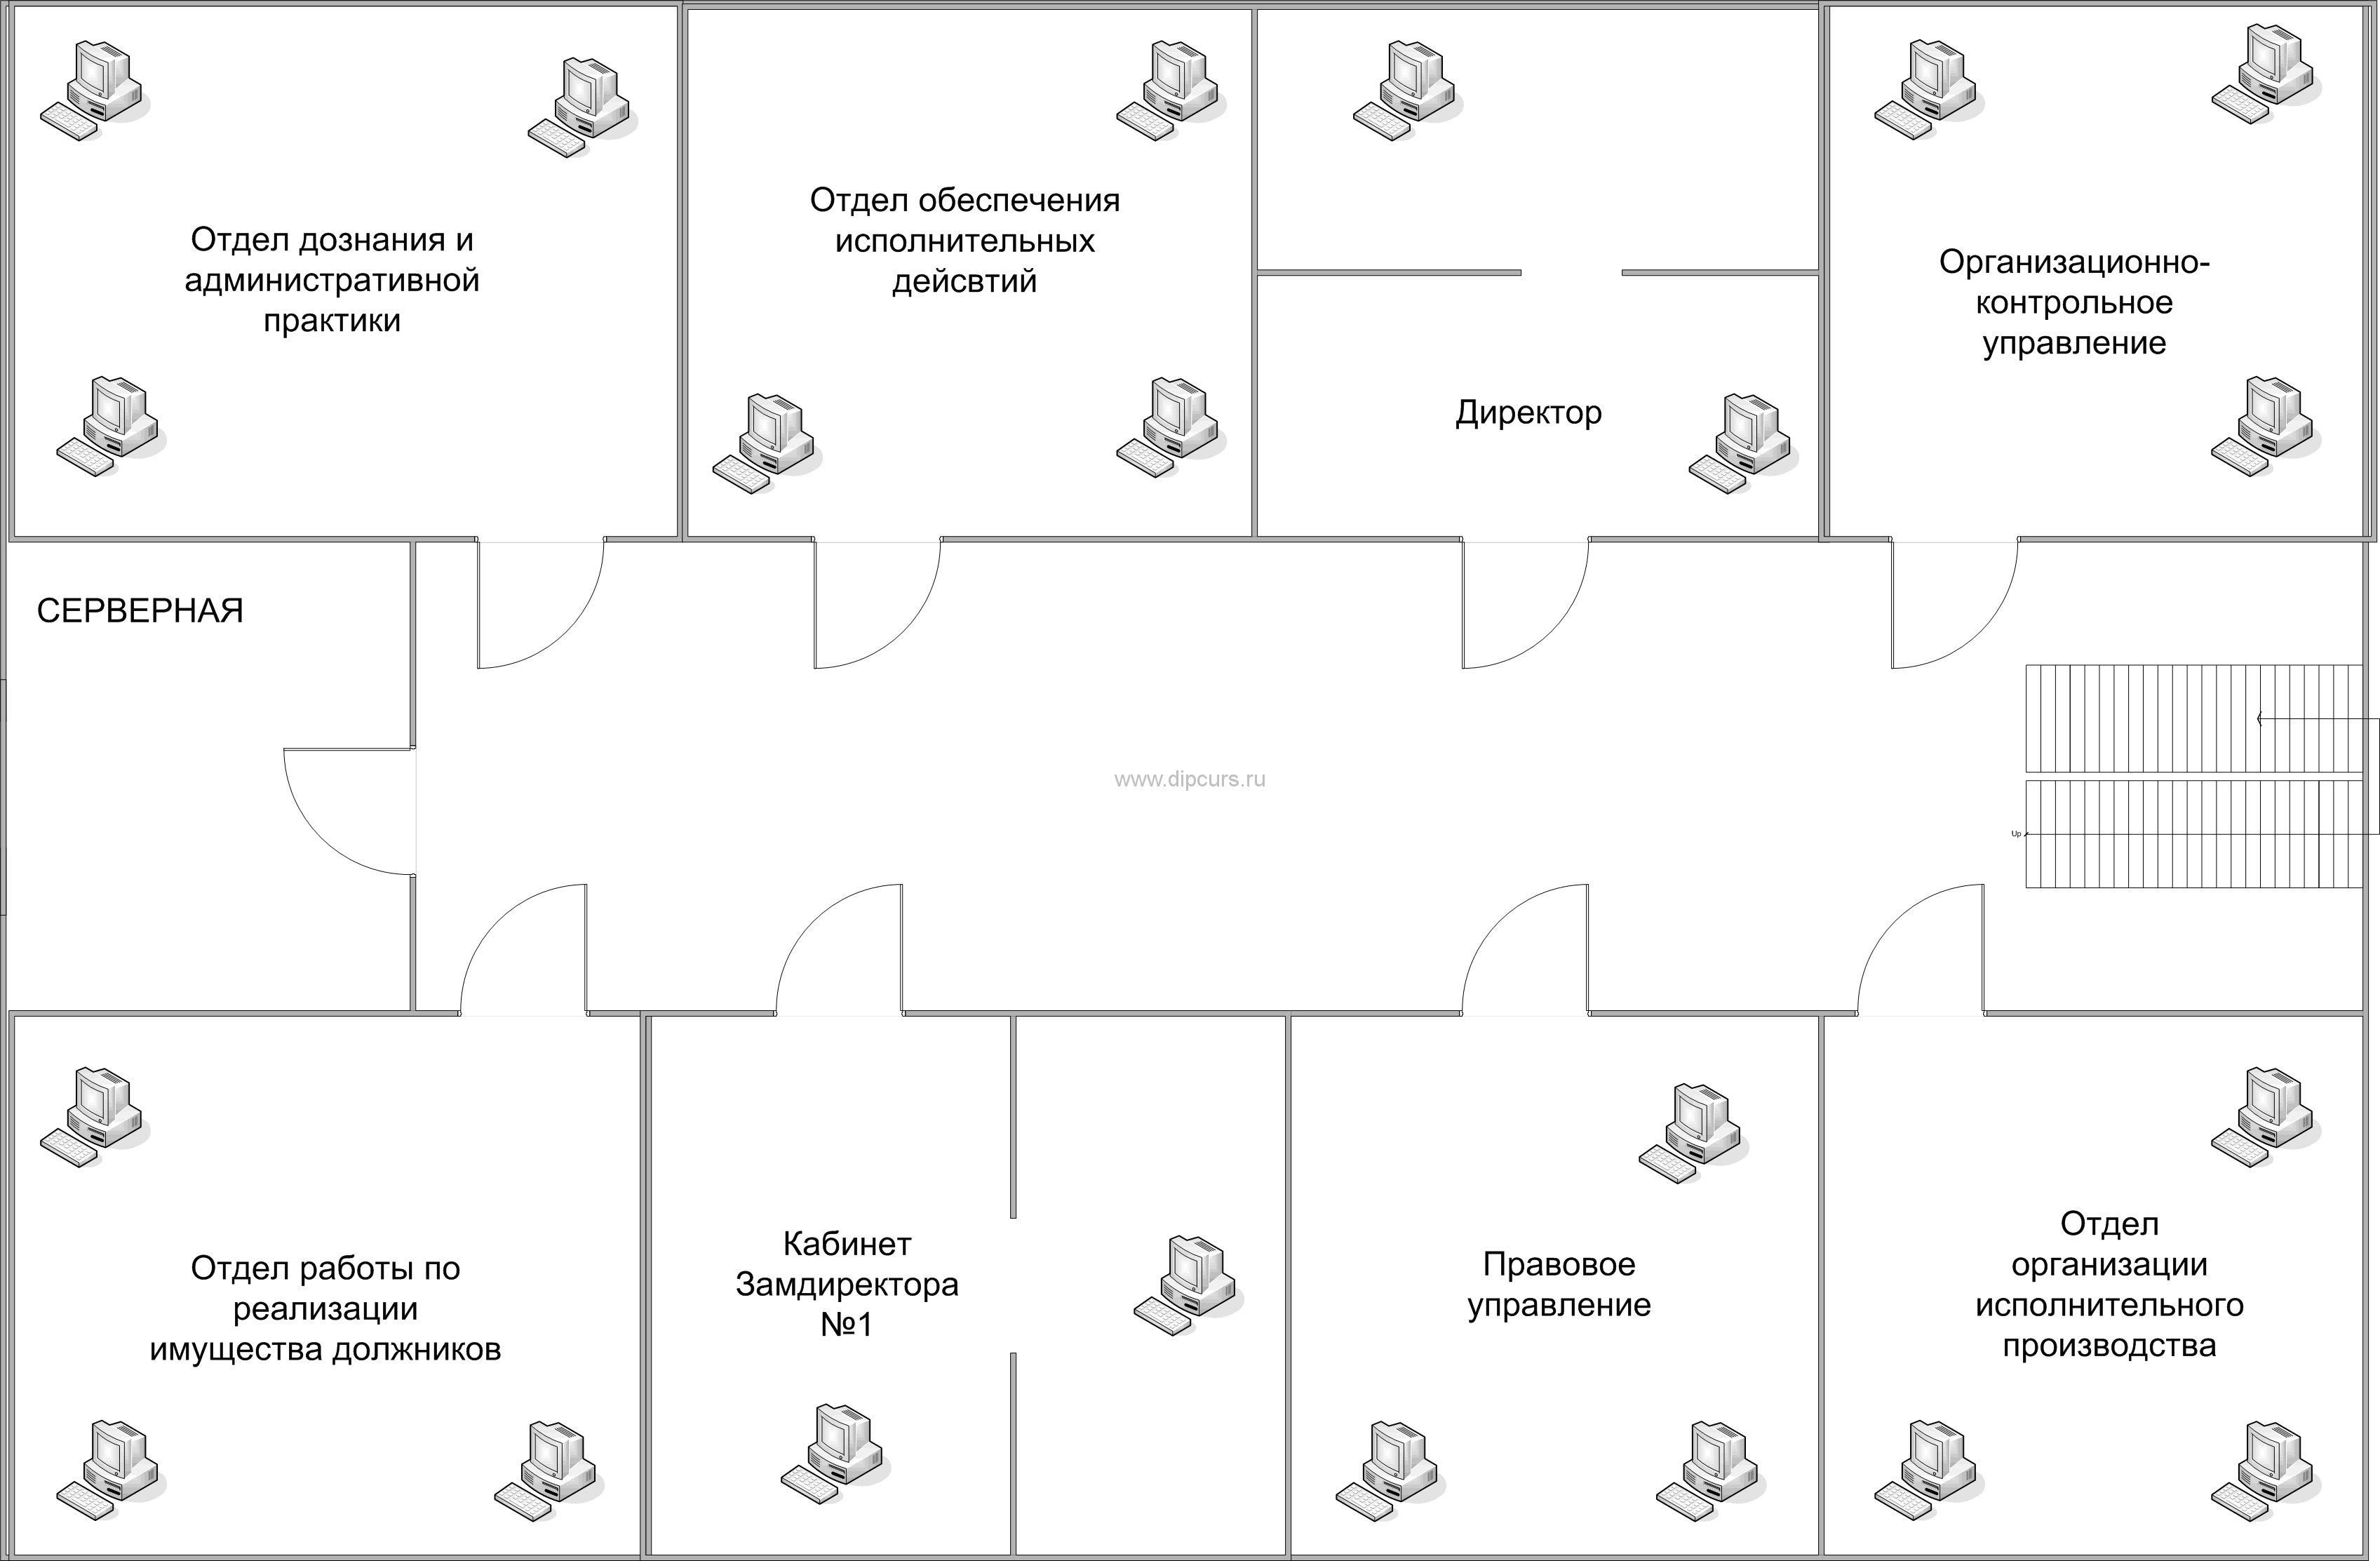 Компьютерные сети dipcurs Структура этажей здания в котором разрабатывается компьютерная сеть